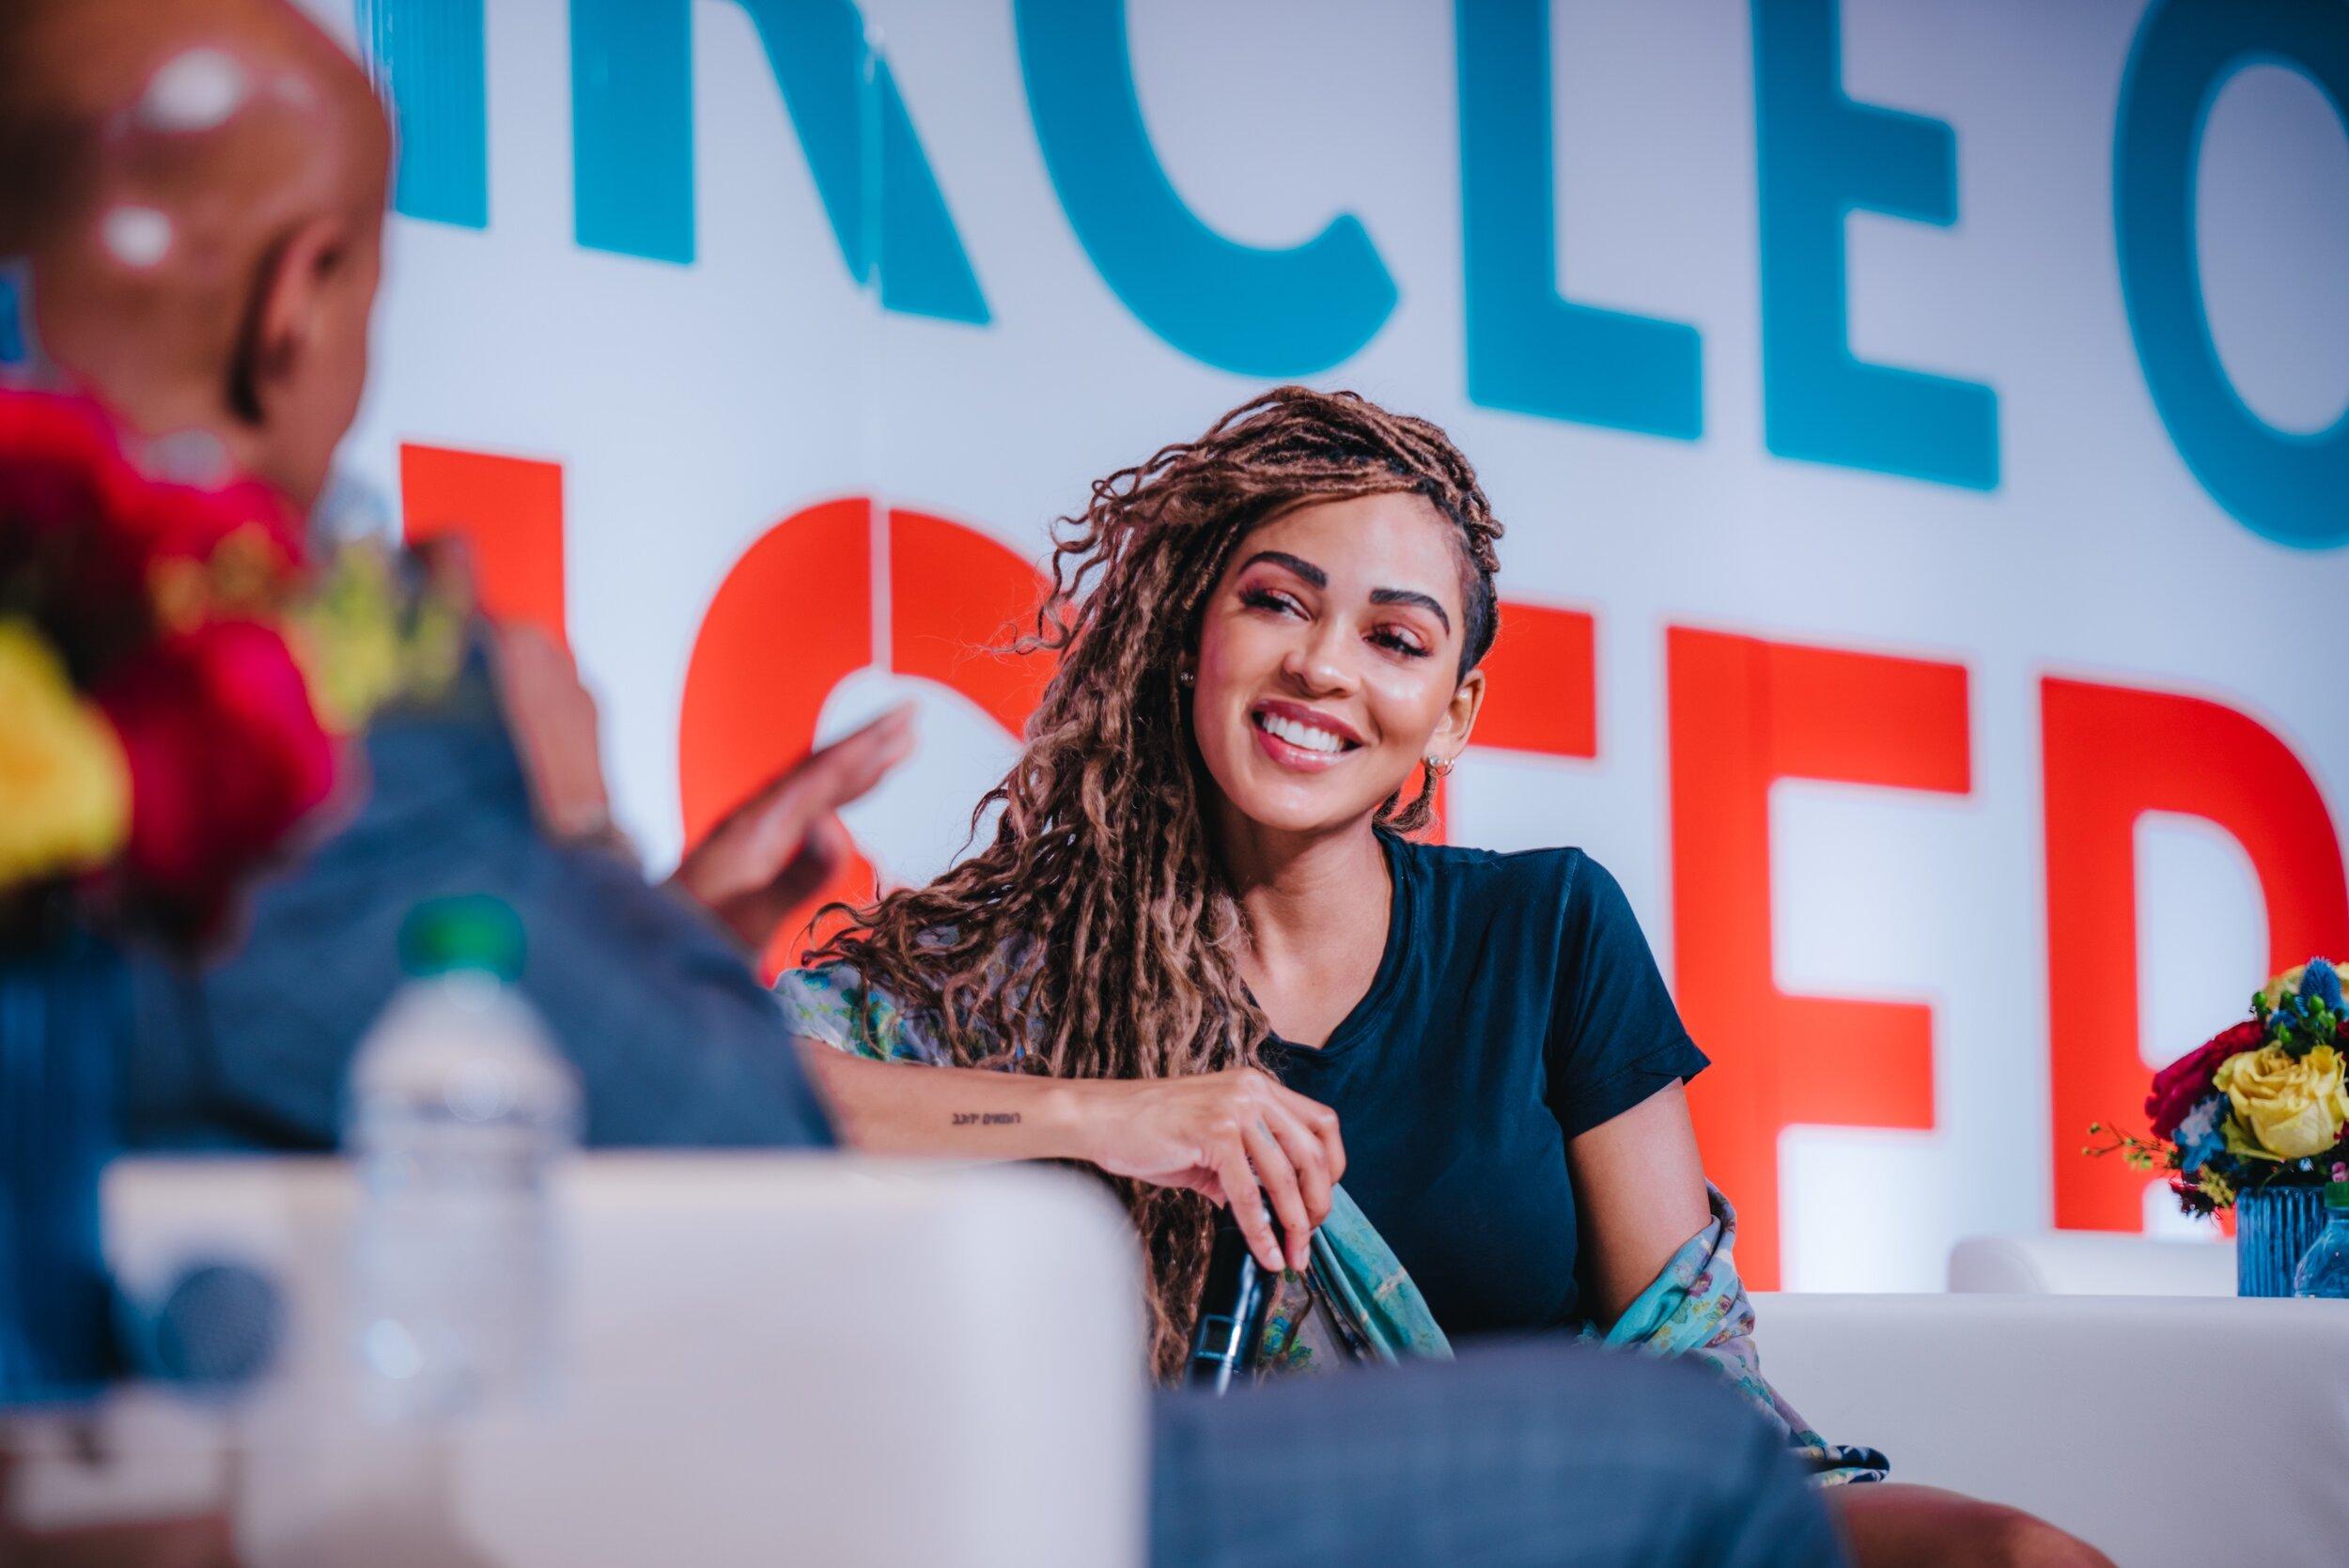 Meagan Good on stage photo credit Kadeem